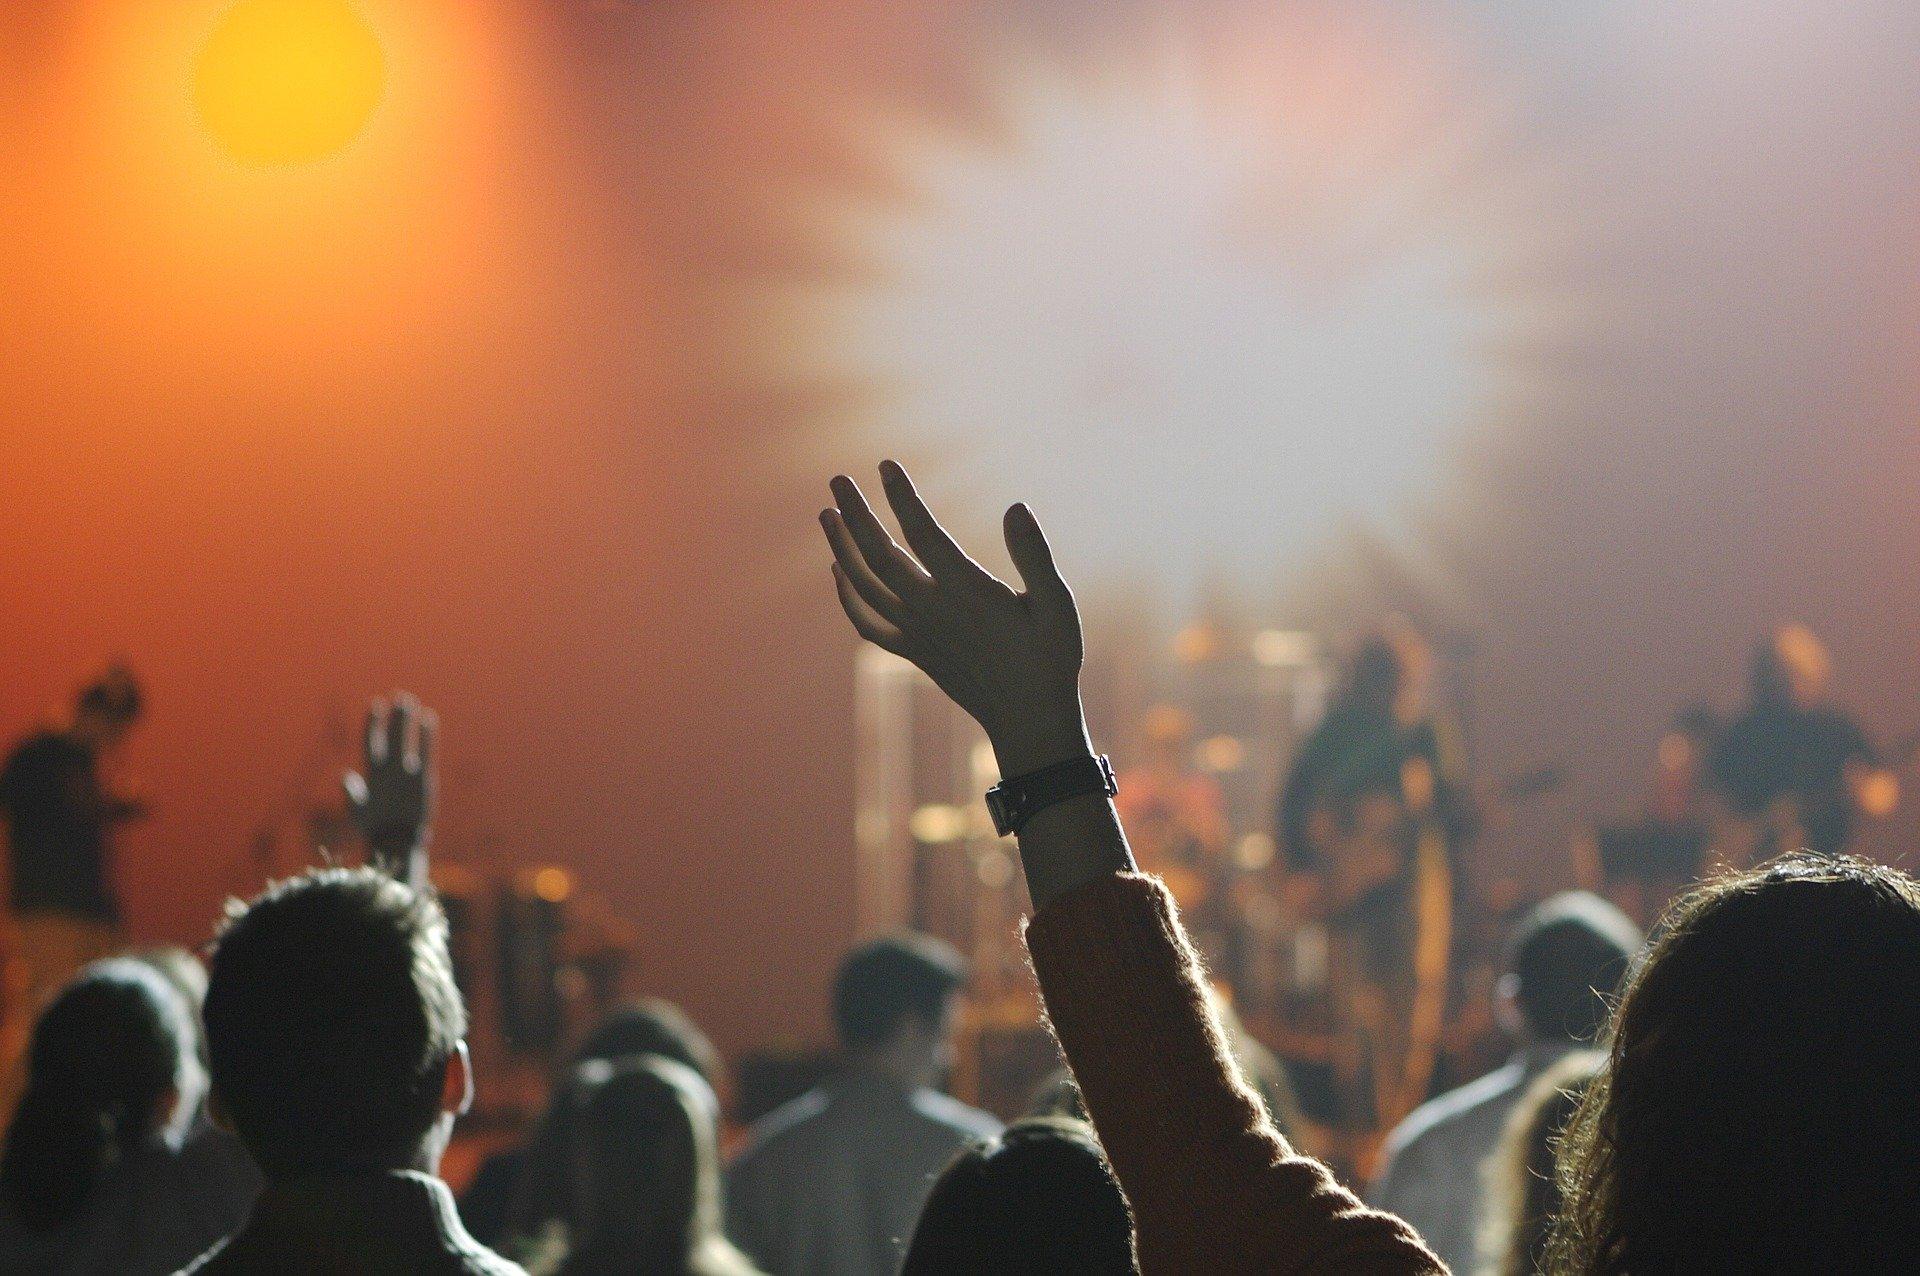 Festival musicali in Europa musica ragazza mani